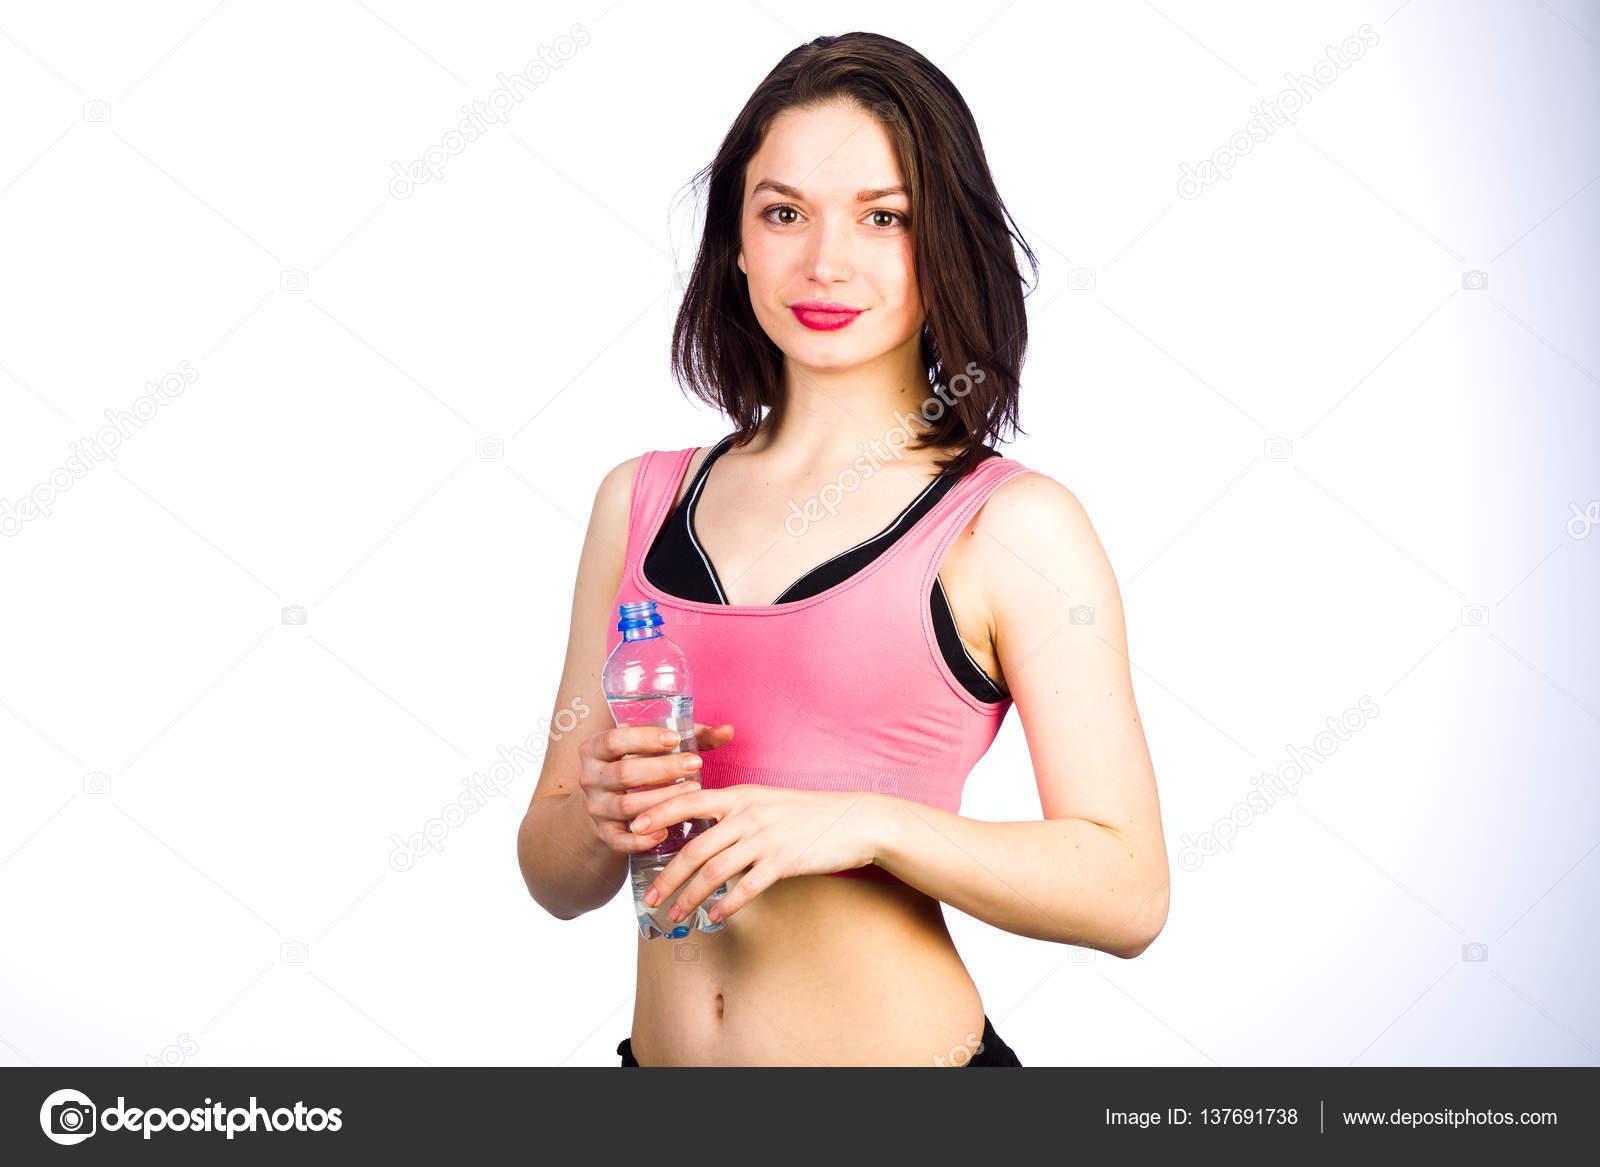 Deselezionare versare acqua fuori dalla bottiglia spruzzata nel